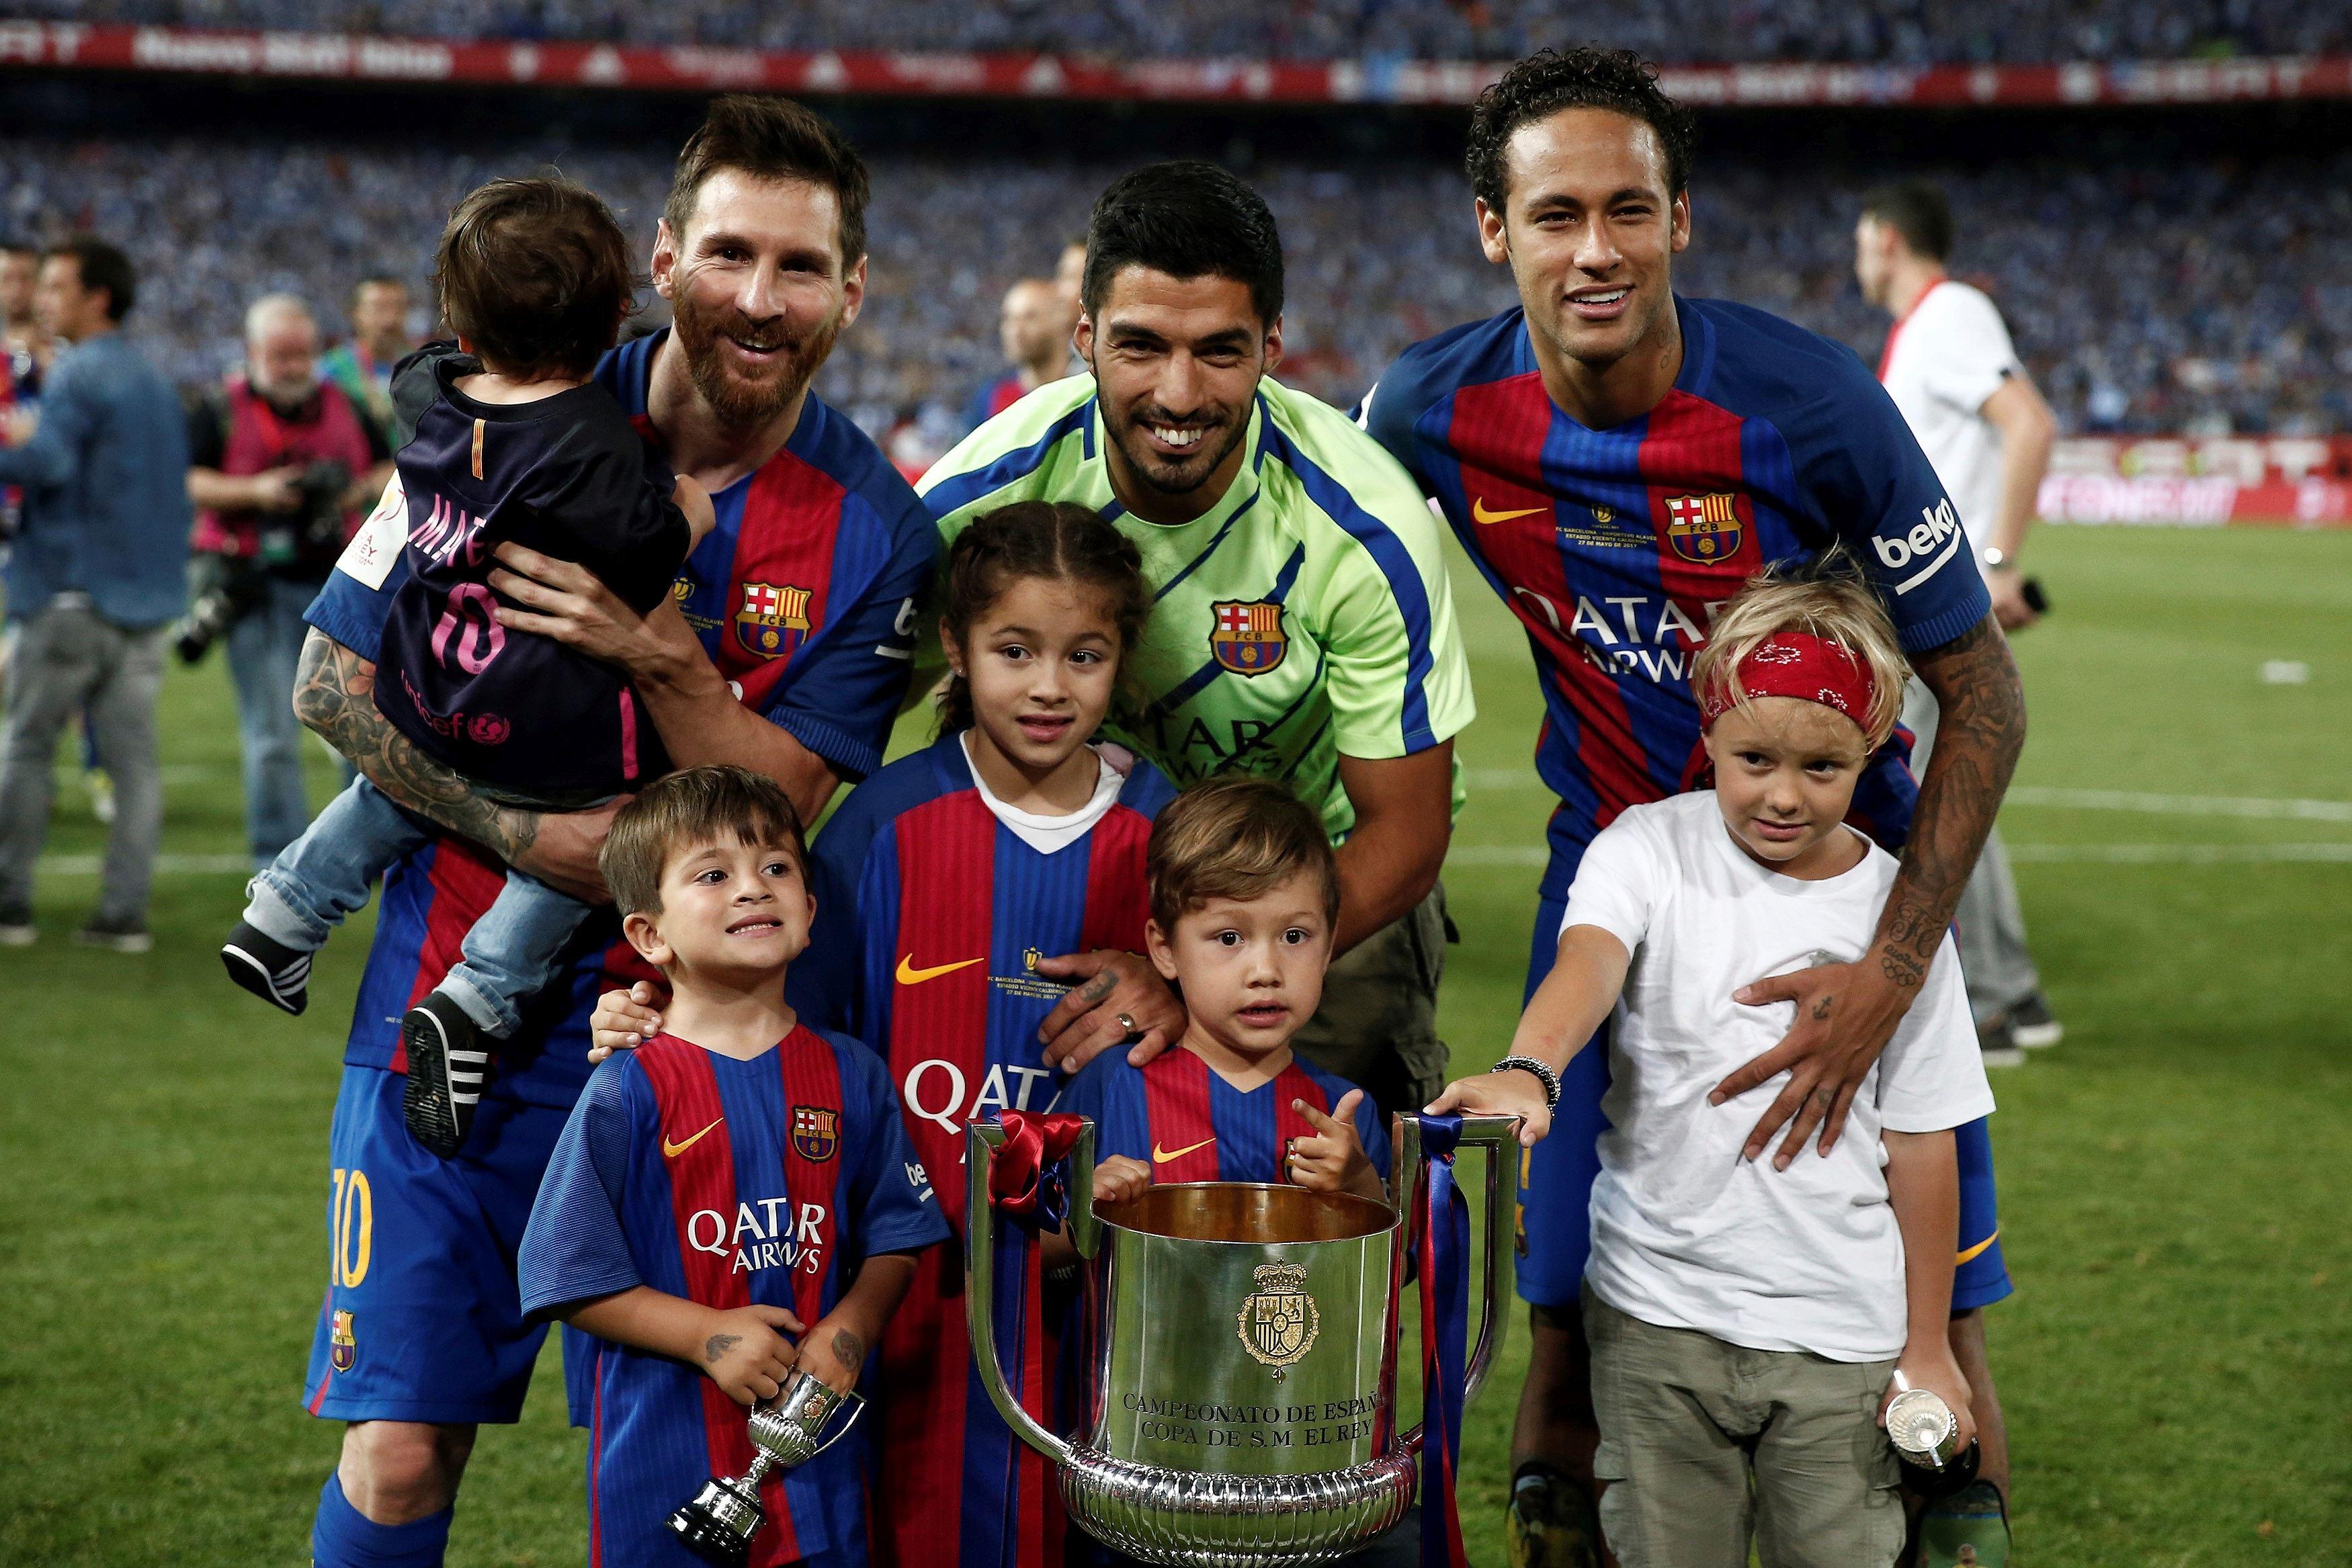 Lionel Messi, Luis Suarez și Neymar, după ce au câștigat trofeul Champions League în 2015. Sursă foto: hepta.ro